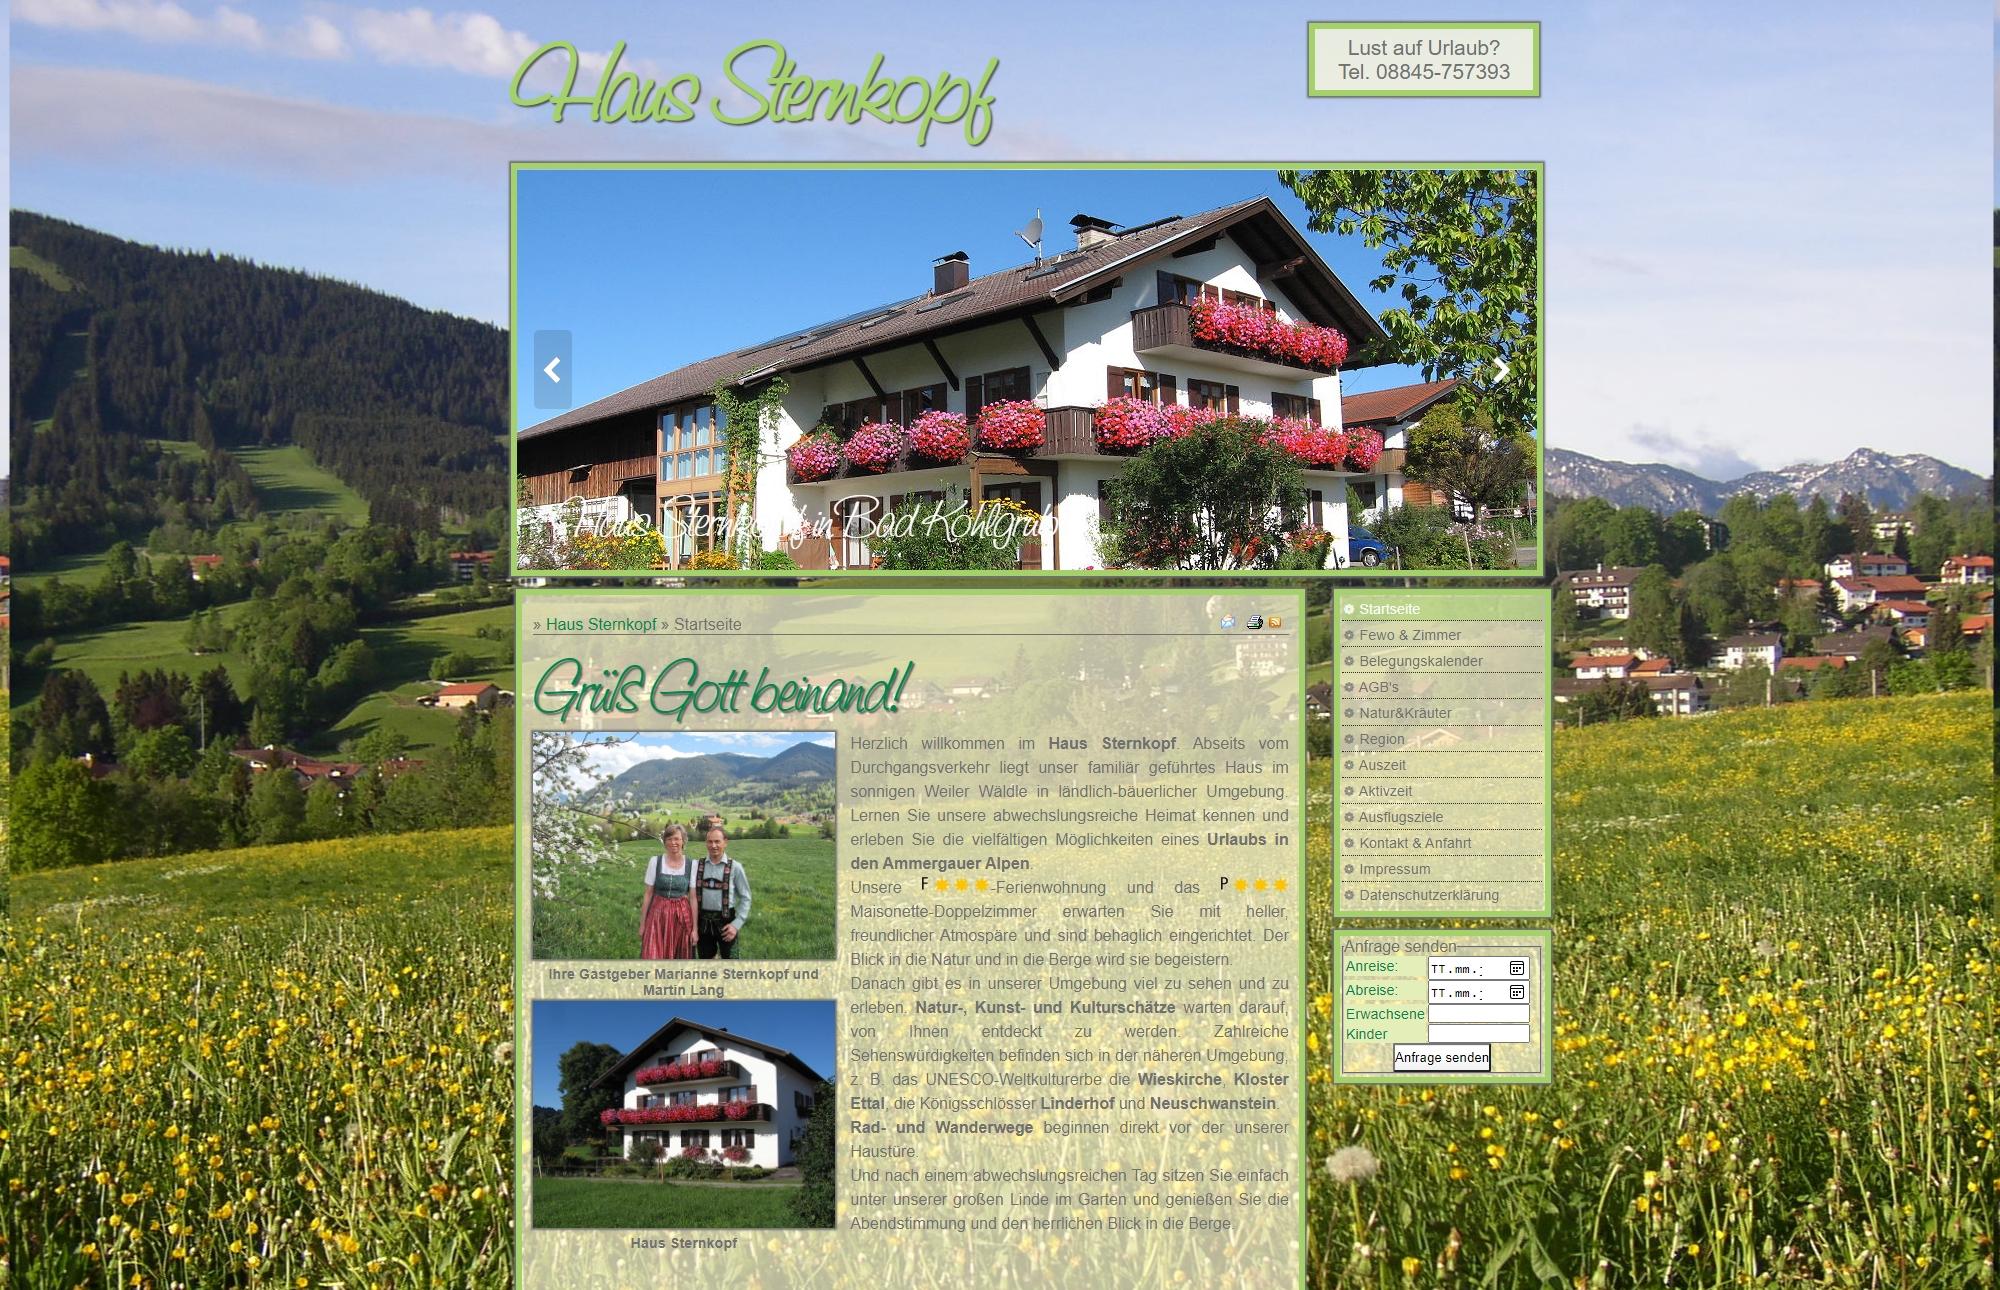 Haus Sternkopf, Bad Kohlgrub